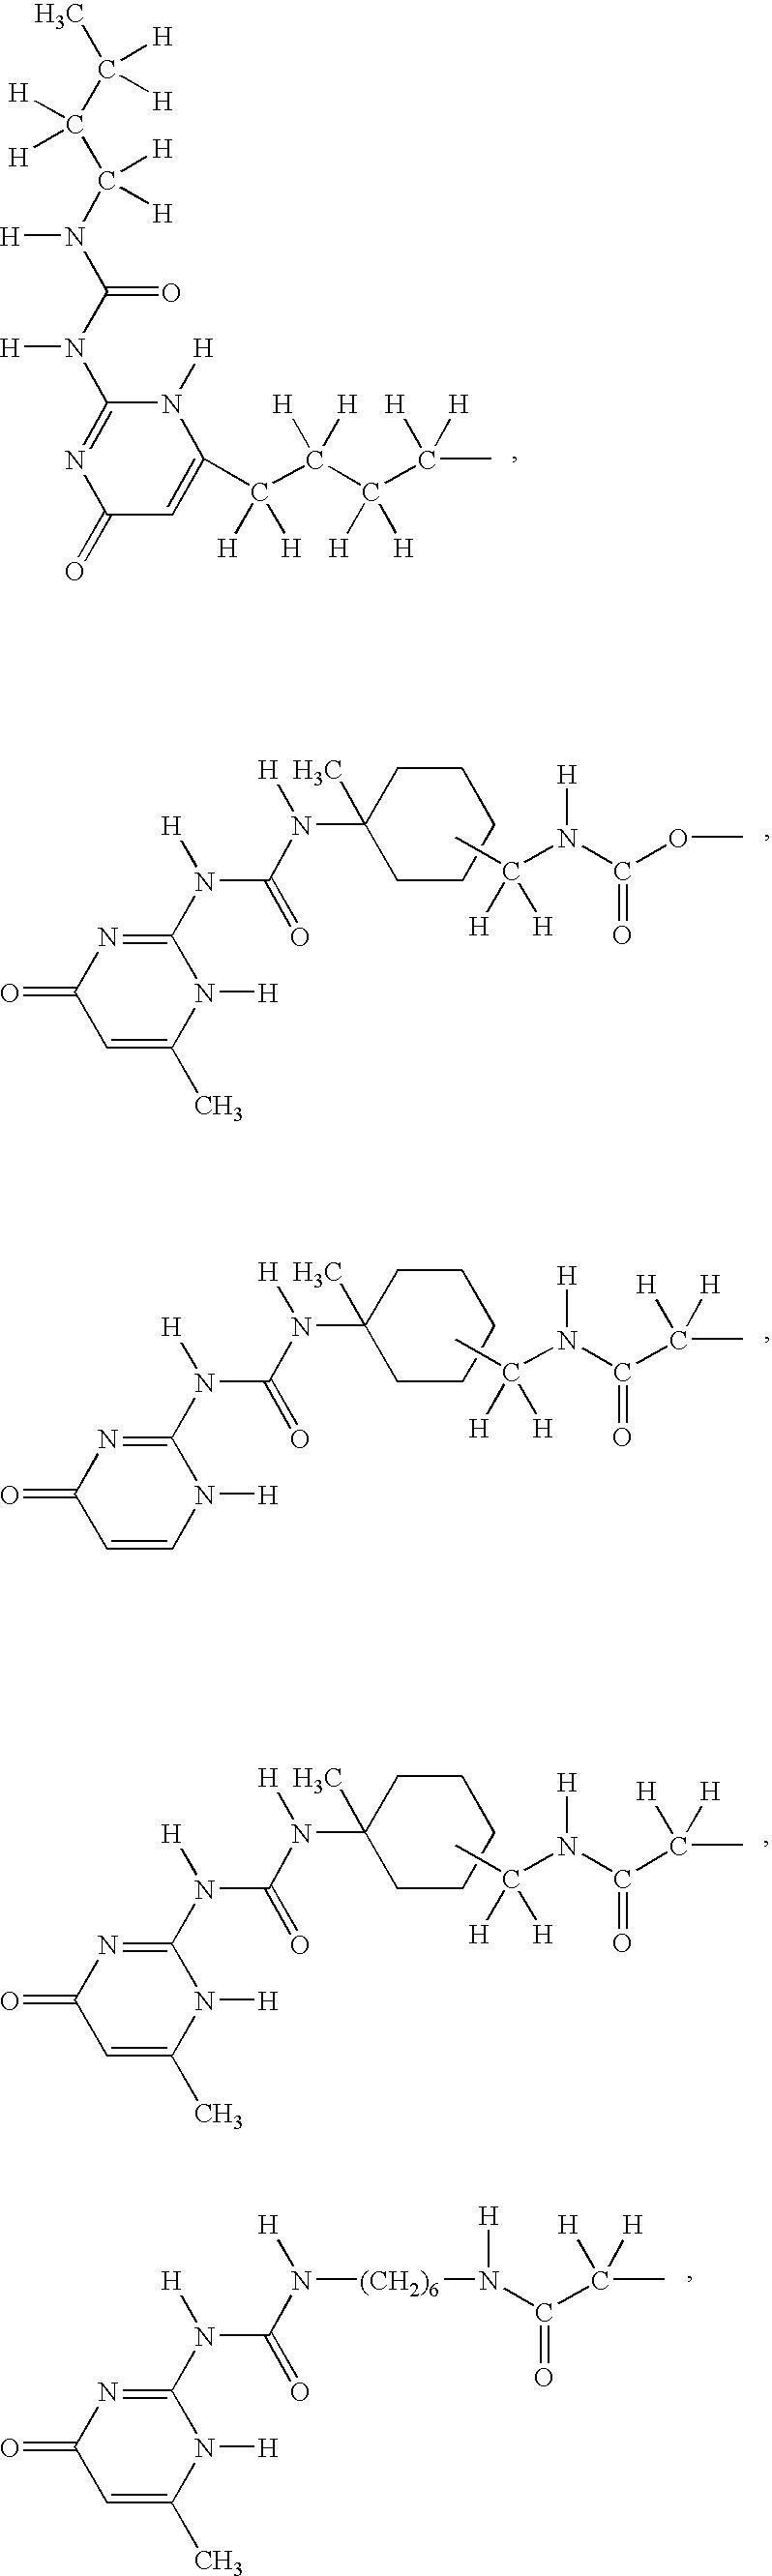 Figure US20040065227A1-20040408-C00065